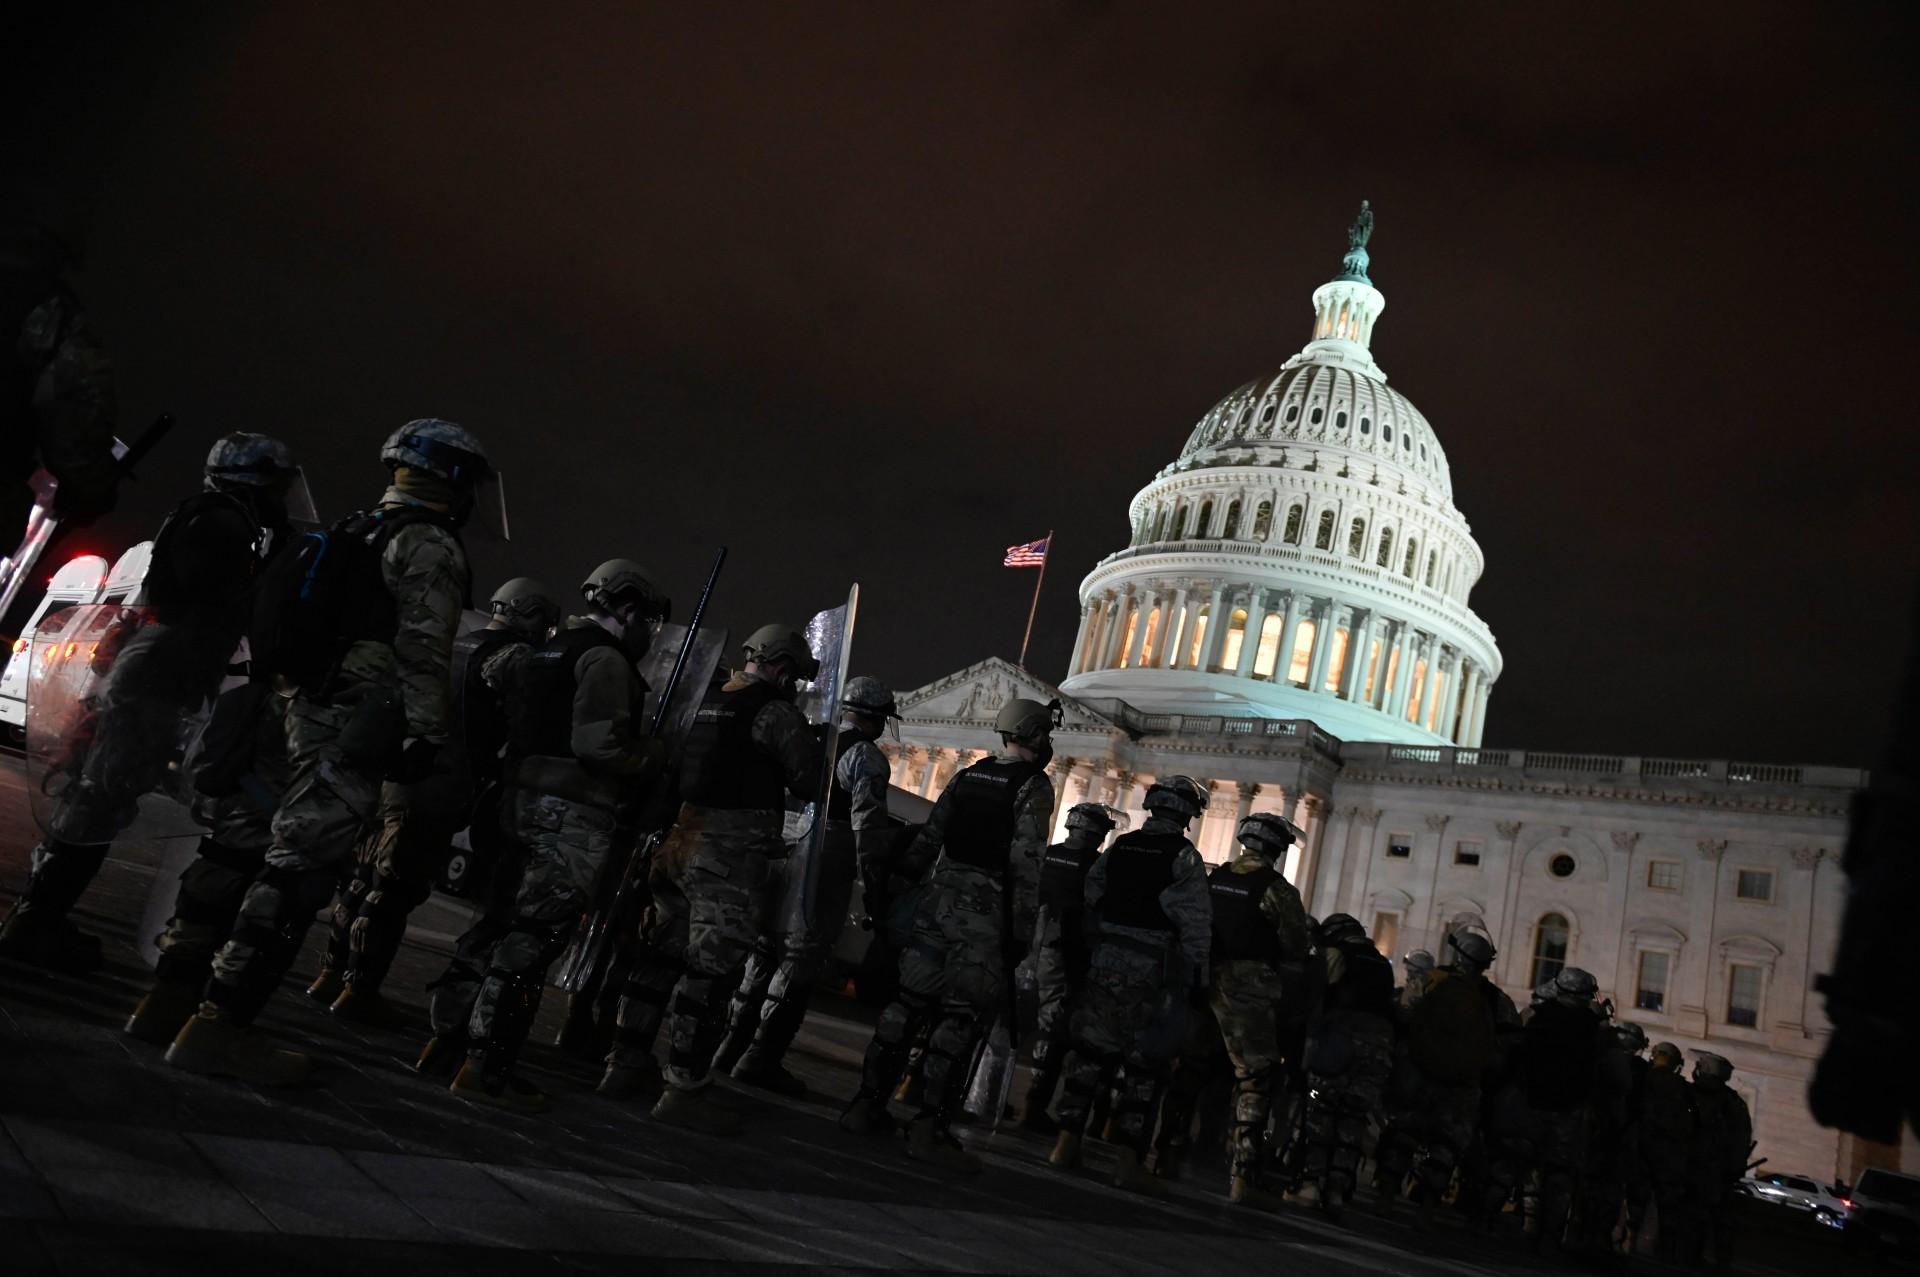 (Foto: ANDREW CABALLERO-REYNOLDS / AFP)Membros da Guarda Nacional de DC estão posicionados fora do Capitólio dos EUA em Washington DC em 6 de janeiro de 2021. - Os apoiadores de Donald Trump invadiram uma sessão do Congresso realizada hoje, 6 de janeiro, para certificar a vitória de Joe Biden nas eleições, provocando caos e violência sem precedentes em o coração da democracia americana e as acusações de que o presidente estava tentando um golpe. (Foto de ANDREW CABALLERO-REYNOLDS / AFP).)